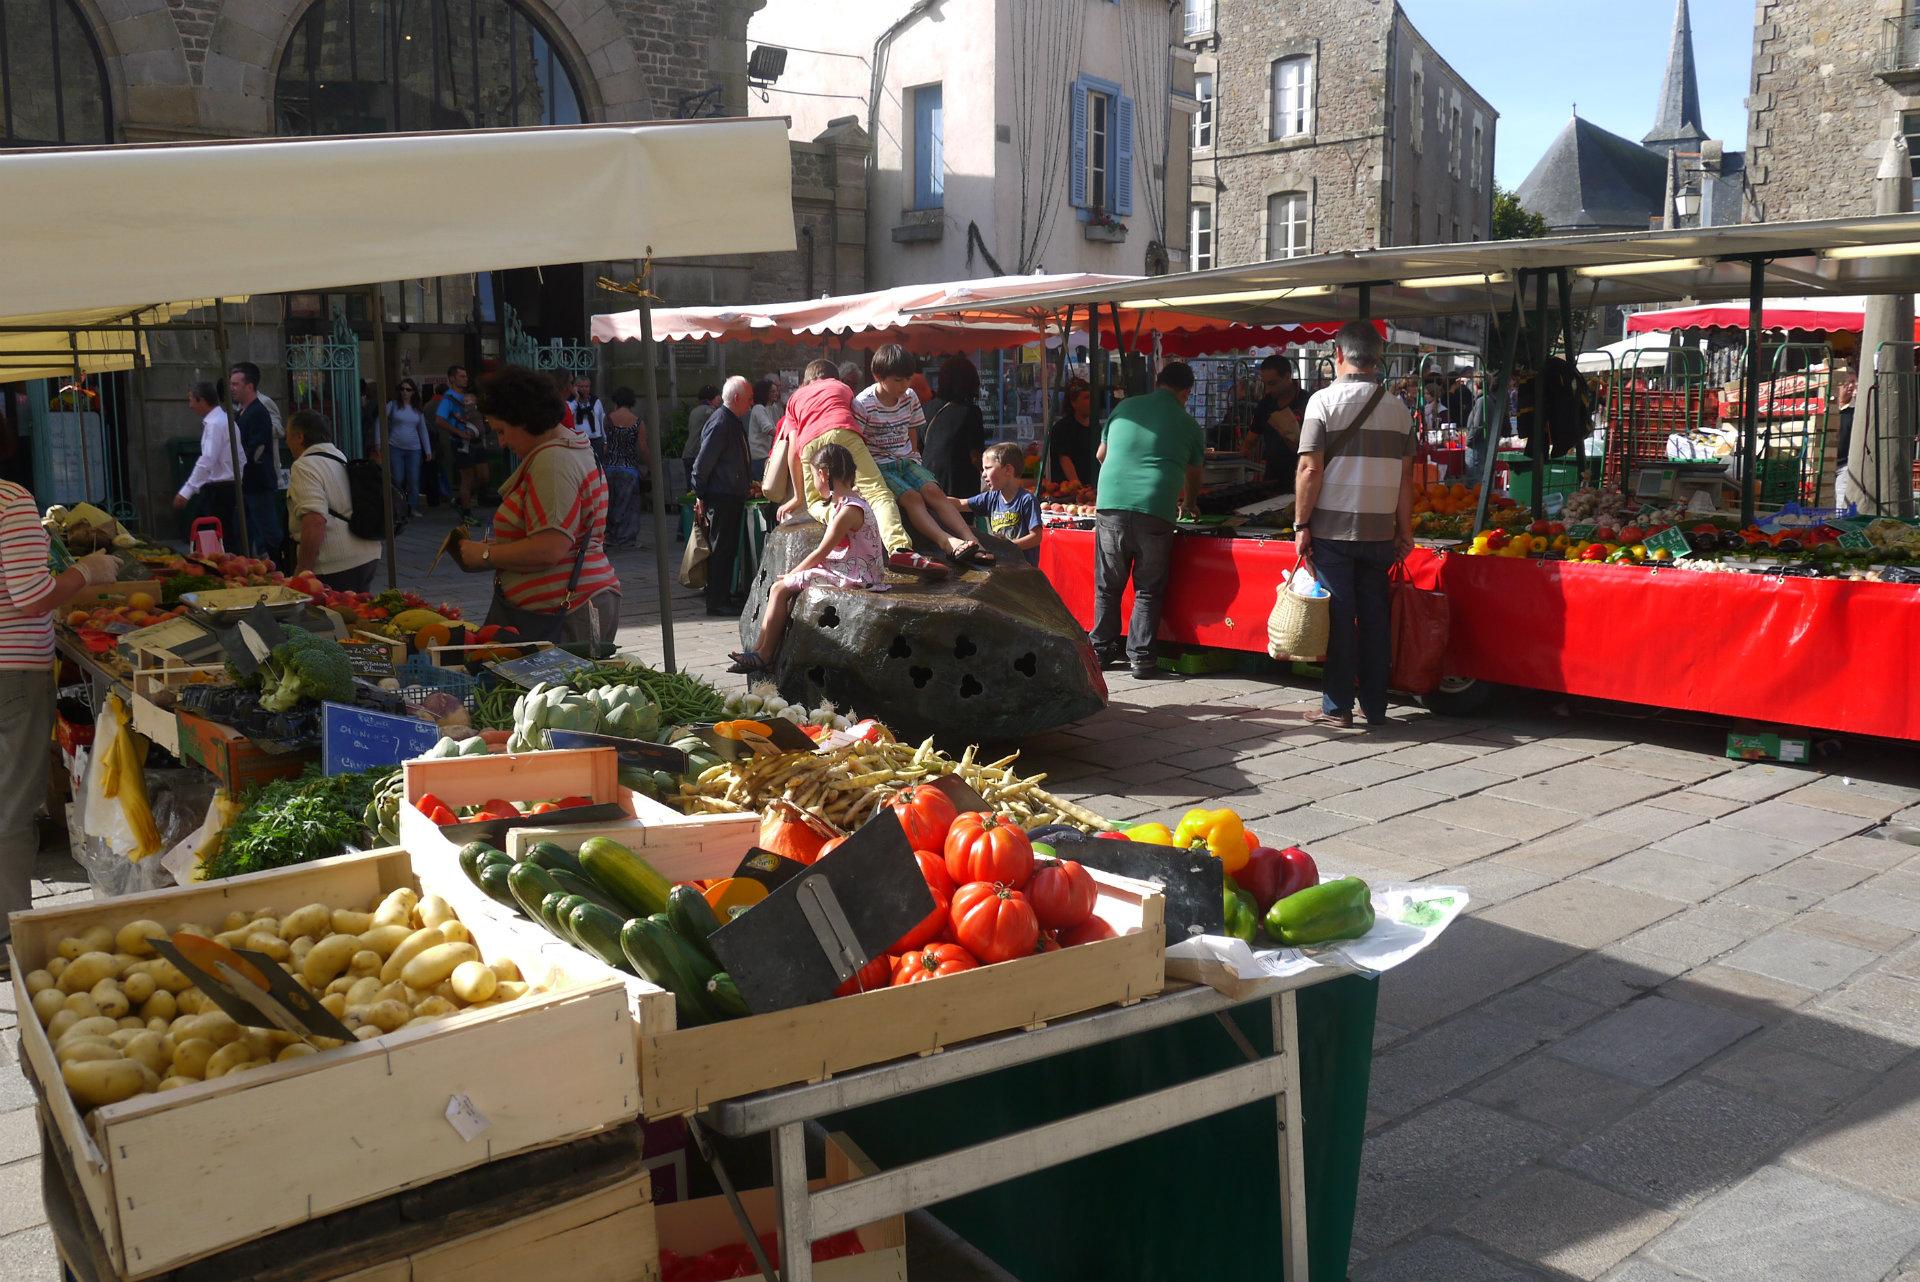 Marché de Guérande au cœur de la cité médiévale - Mairie de Guérande - © Mairie de Guérande